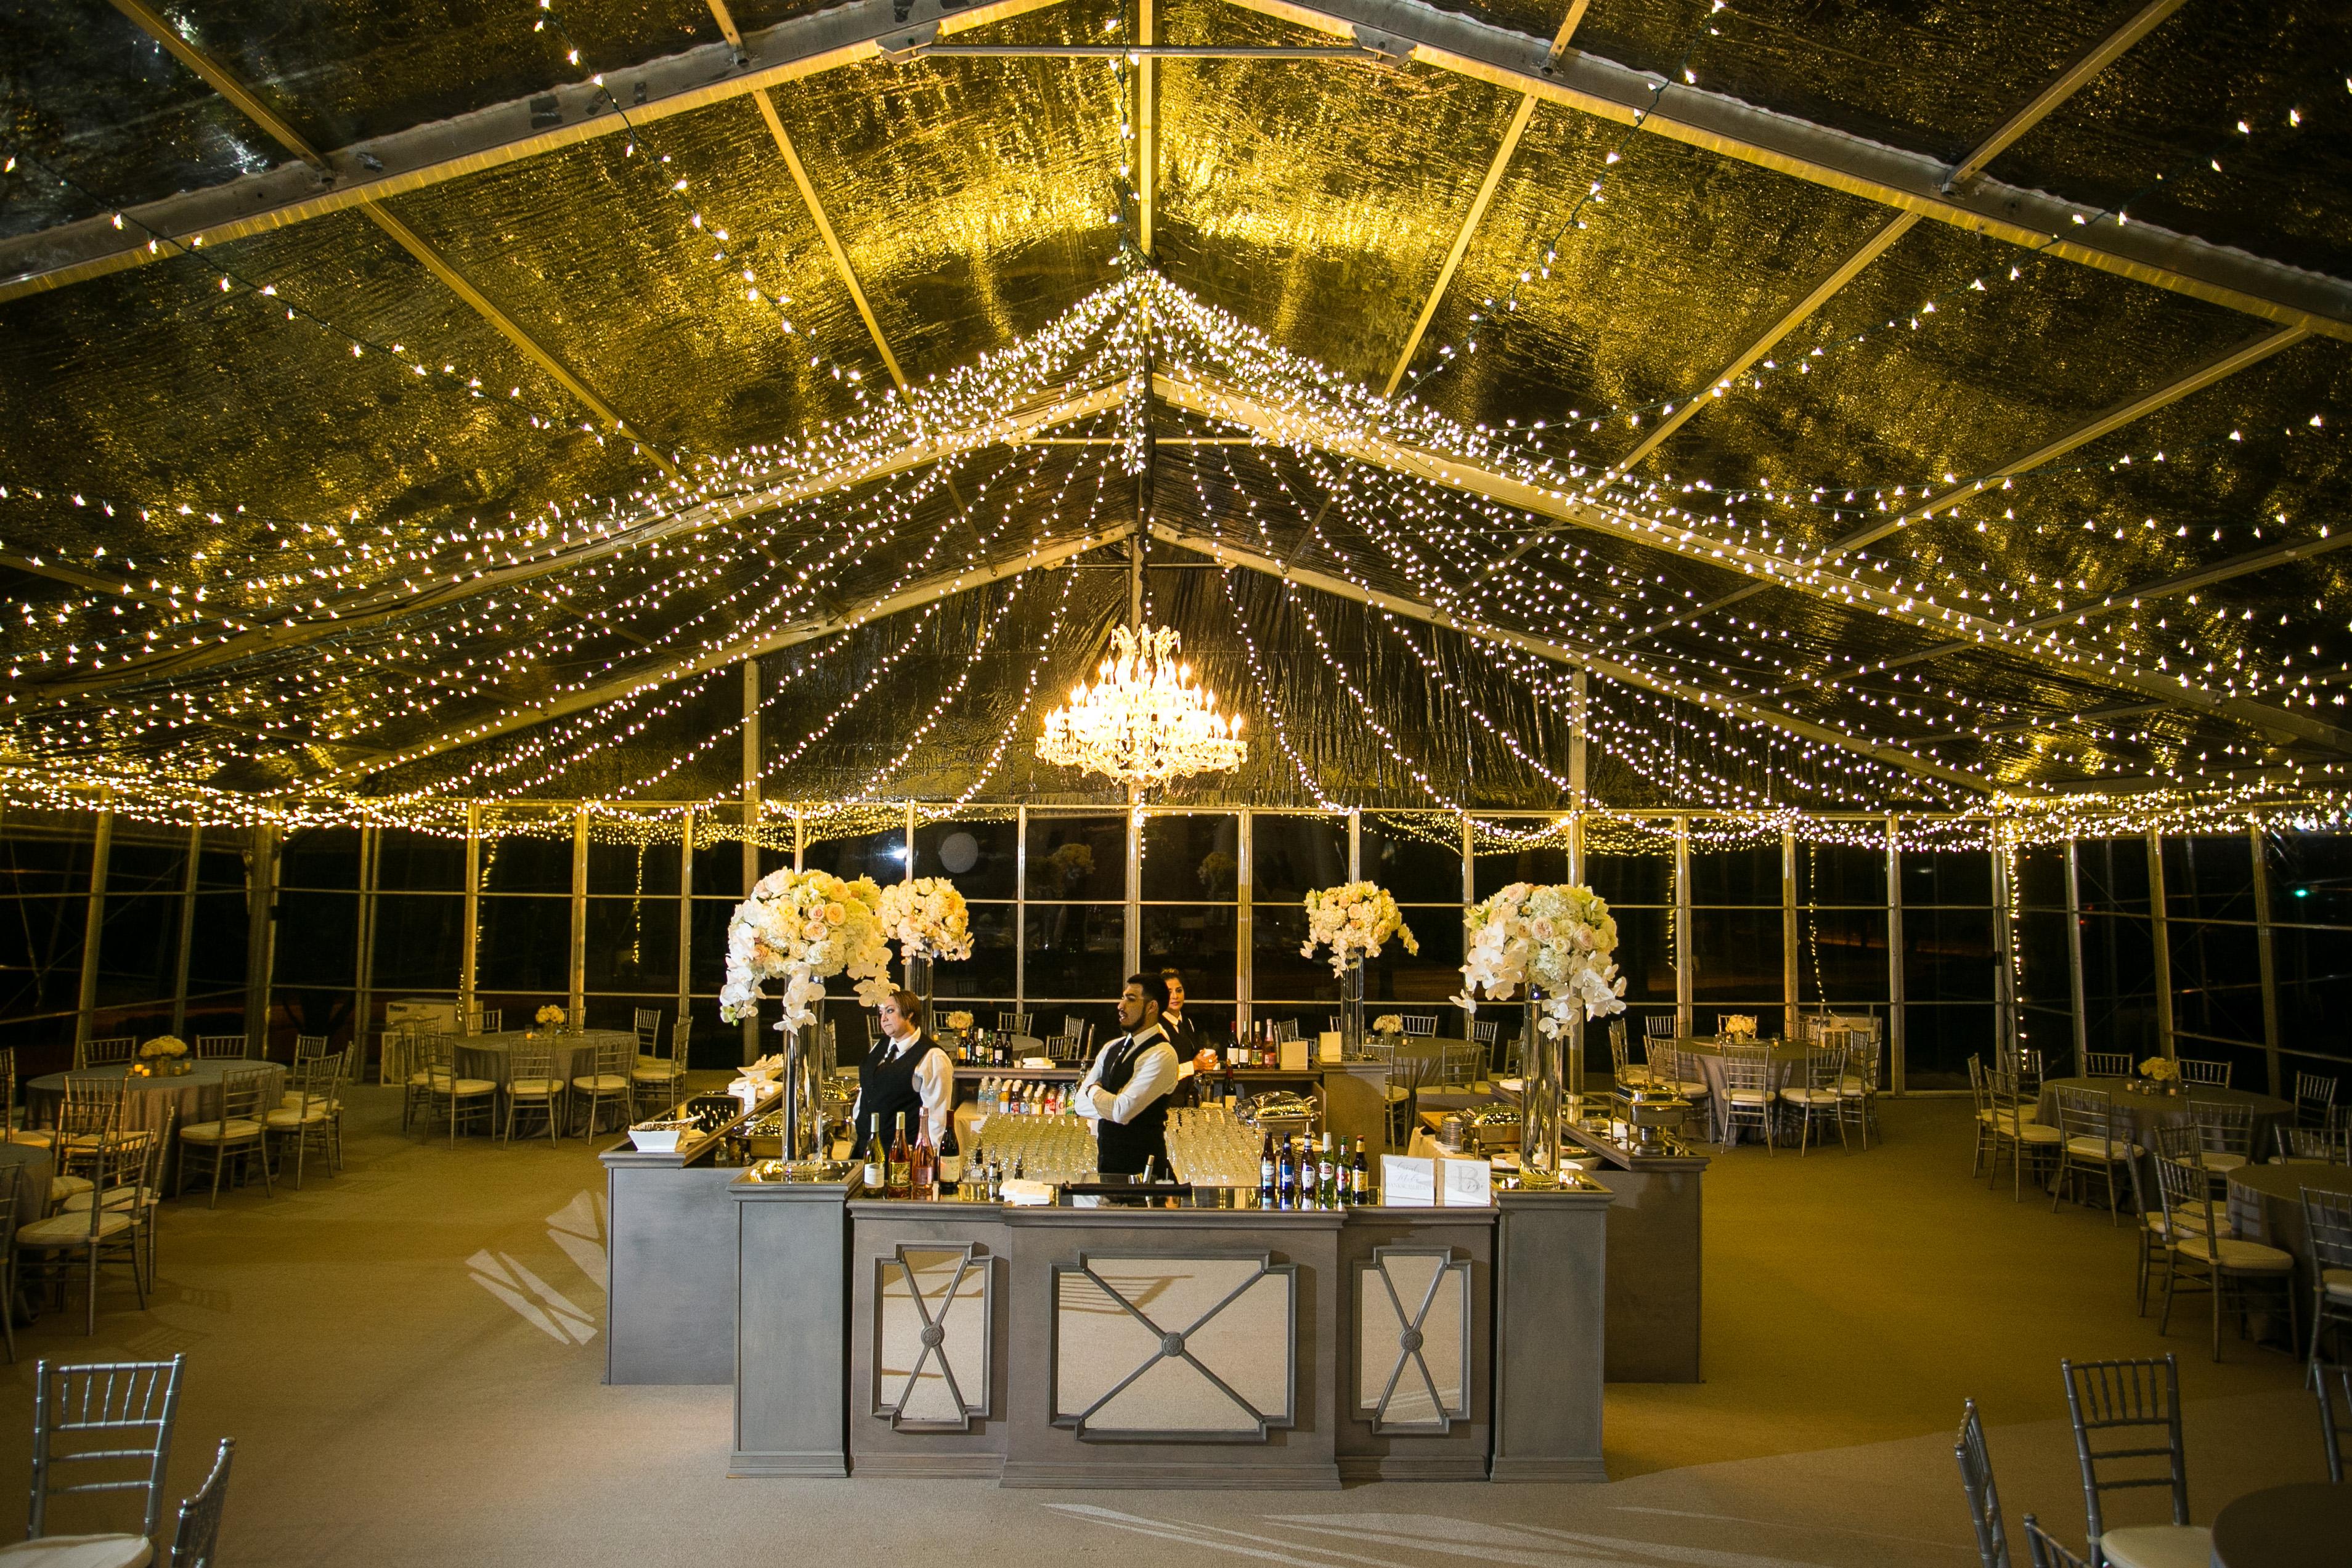 Wedding Lighting Design At Arlington Hall Beyond